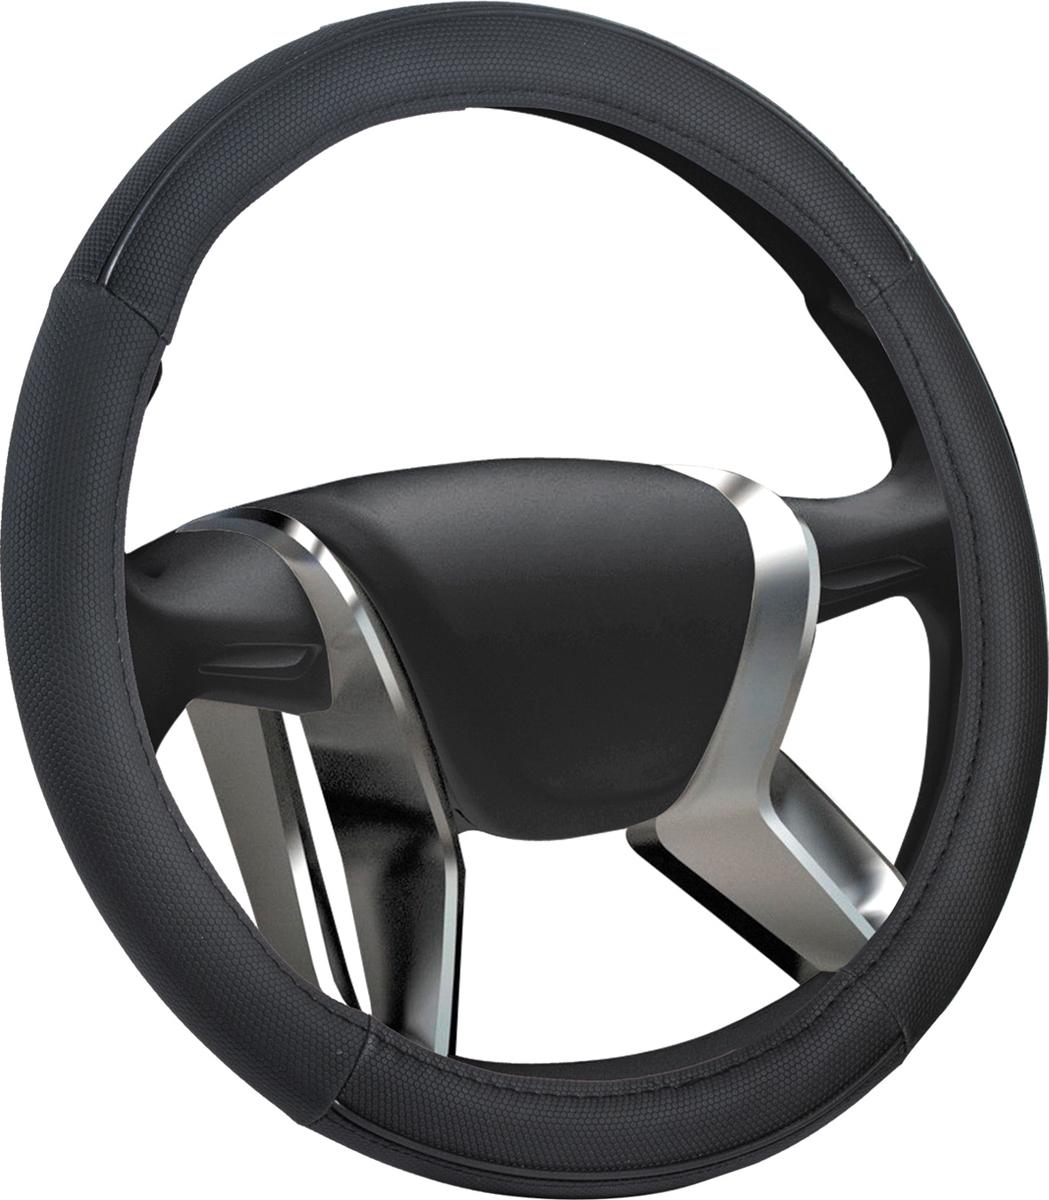 Оплетка на руль Azard Bold Vinil, виниловая, цвет: черный, диаметр 42 смОПЛ00133Виниловая оплетка на руль Azard Bold Vinil на гладком резиновом ободе. Обеспечивает уверенный охват руля. Материал с объемной текстурой, повторяющей рисунок пчелиных сот, гарантирует надежное сцепление рук водителя с рулем в процессе вождения автомобиля. Оплетка Azard Bold Vinil легко устанавливается на рулевое колесо автомобиля, защищает его от потертостей и загрязнений.